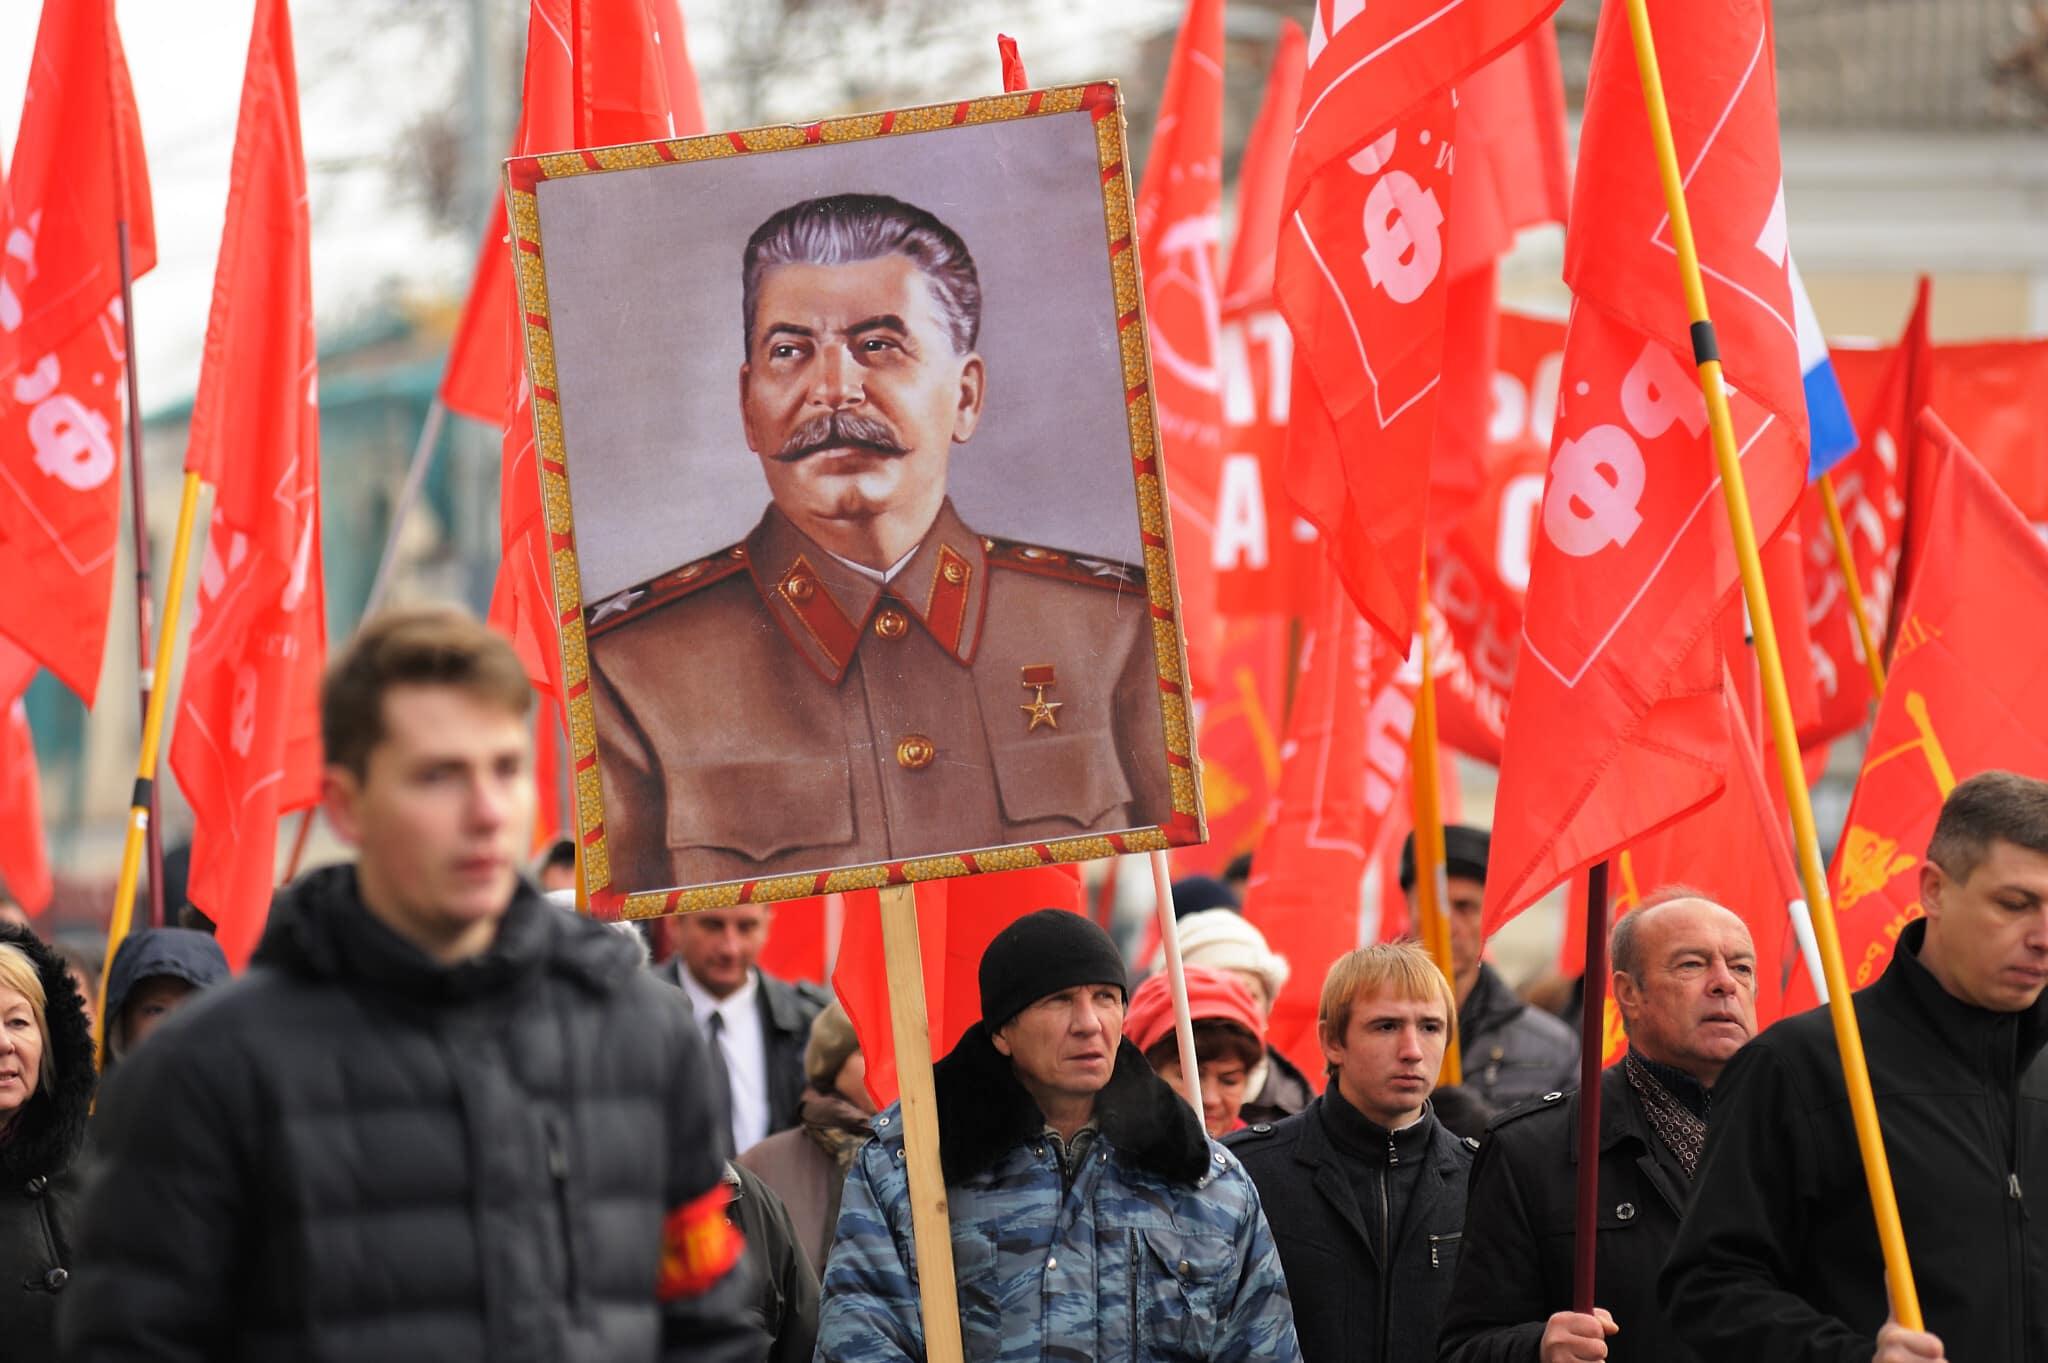 דיוקנו של סטלין נישא במצעד של המפלגה הקומוניסטית ברוסיה, נובמבר 2015 (צילום: AlexeyBorodin/istockphoto)